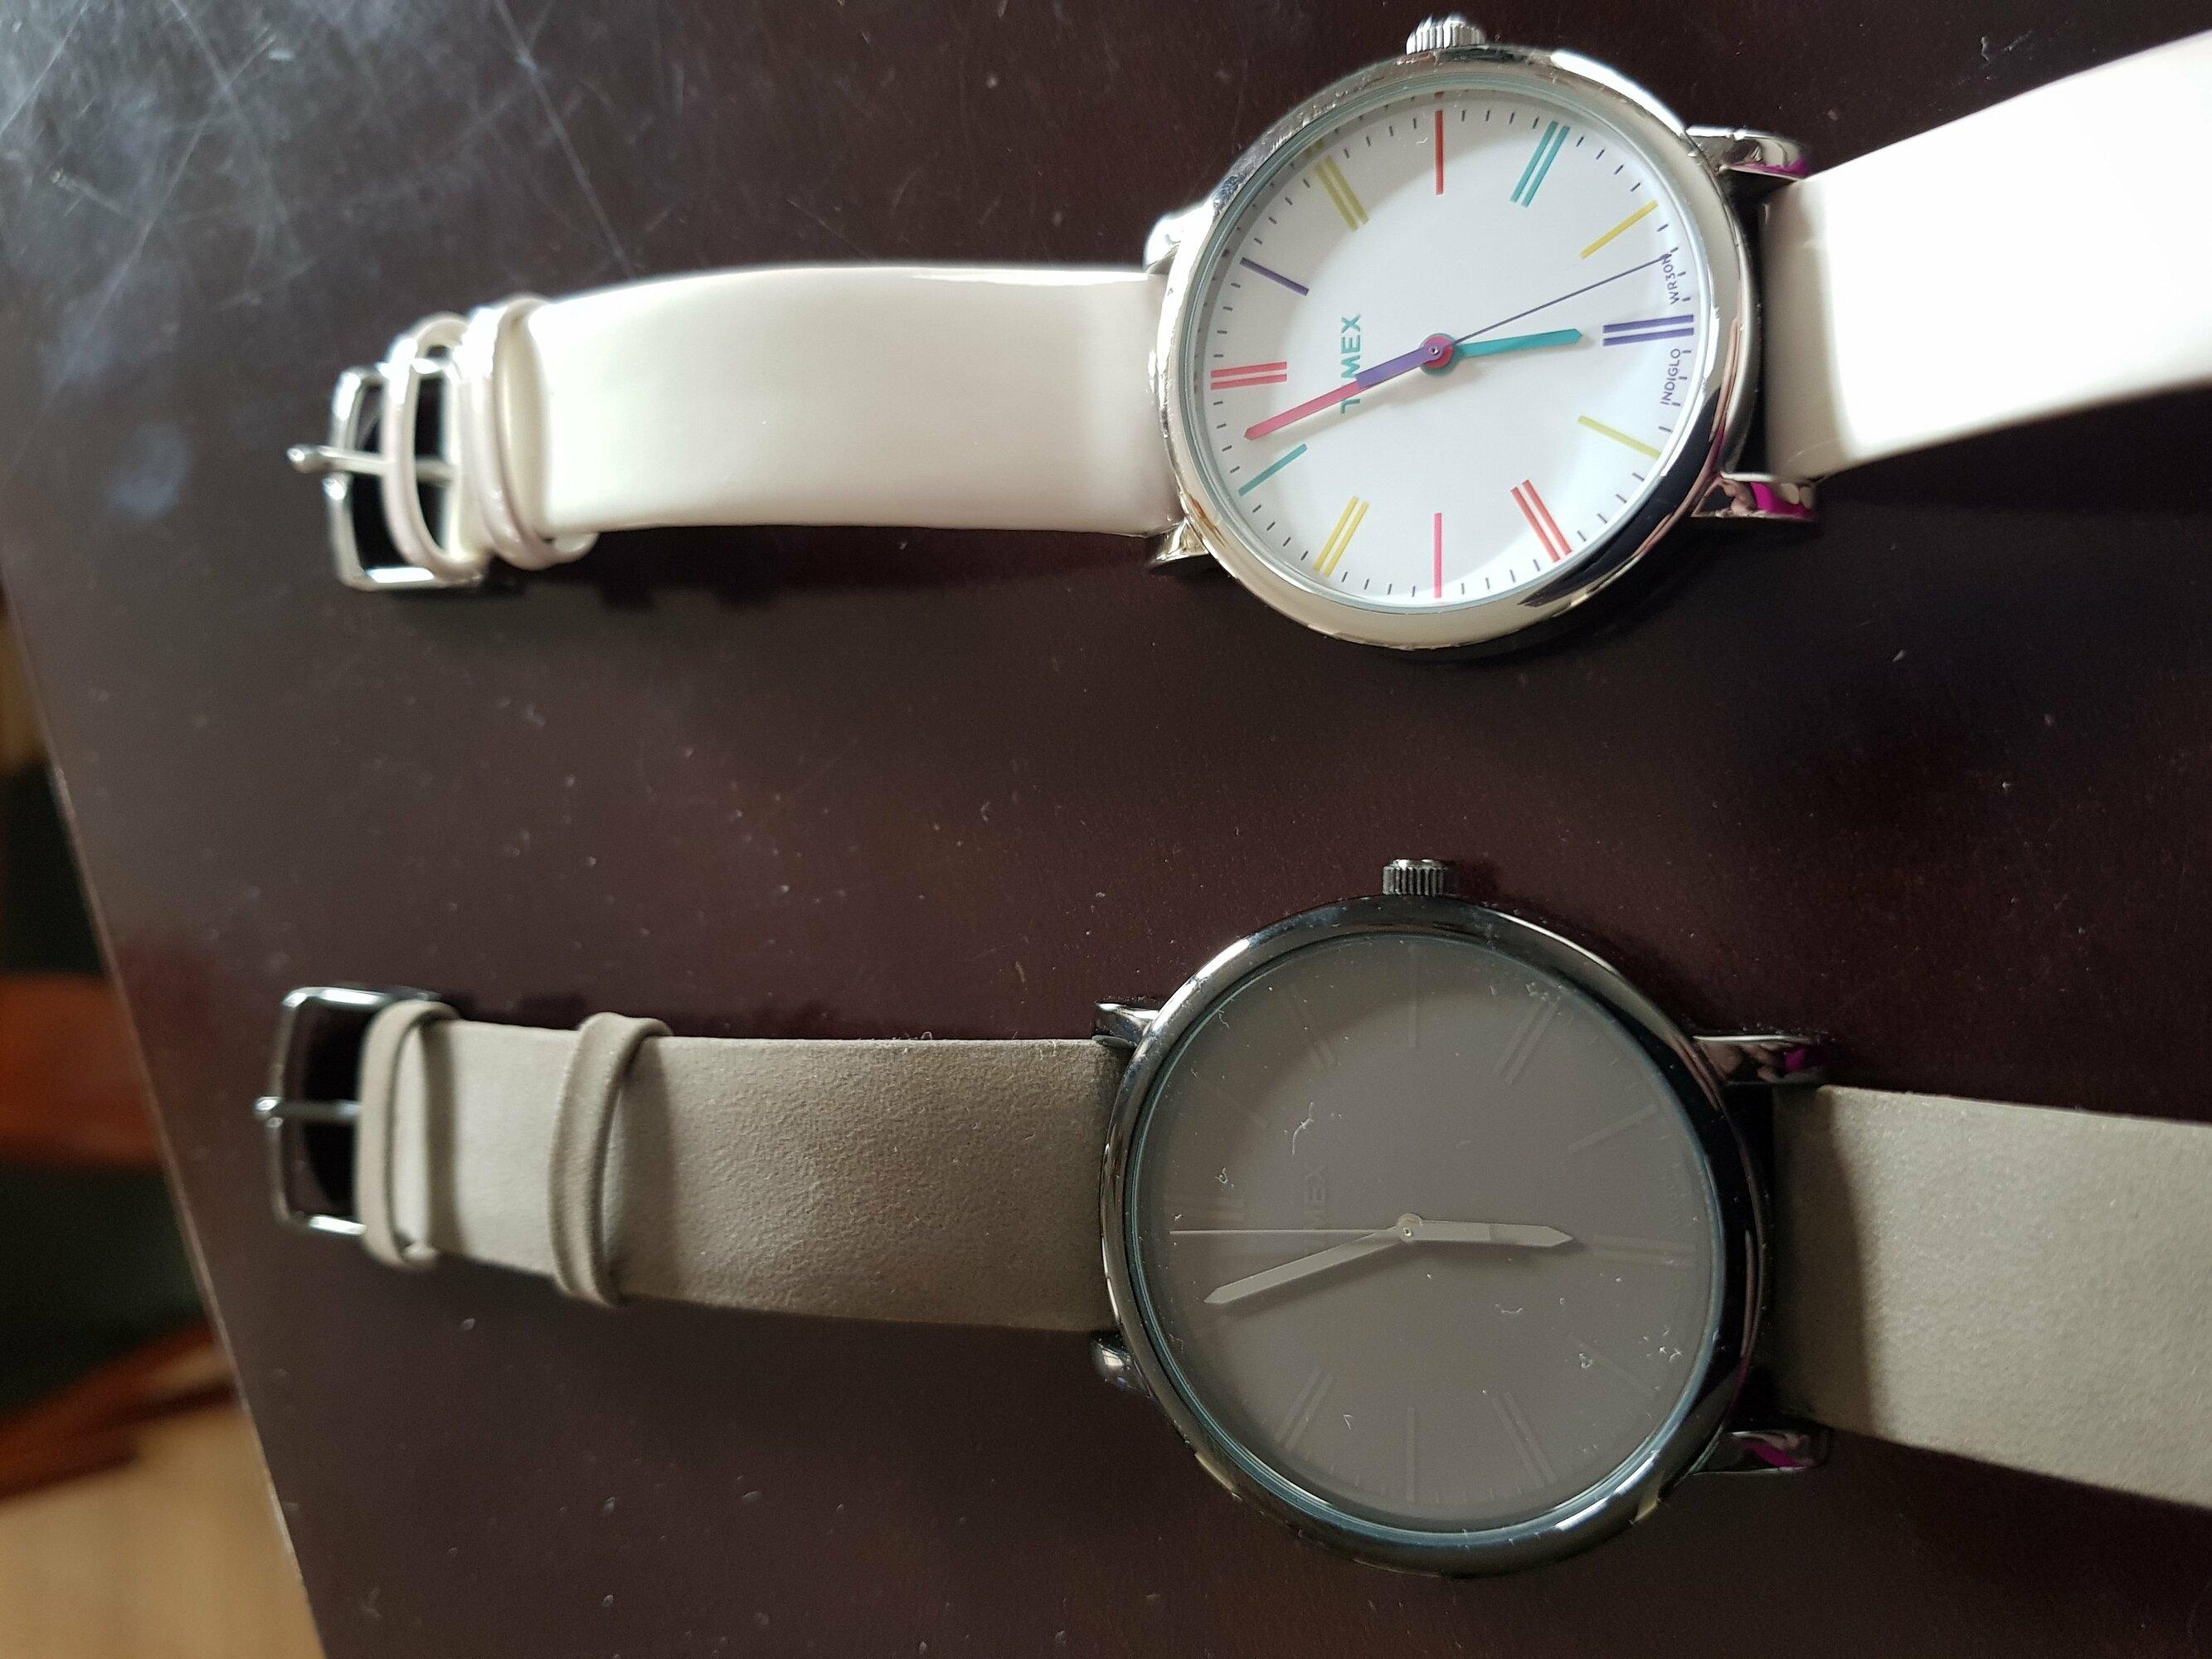 Zegarek Timex Essential Collection Originals Oversized - damski  autor: Małgorzata data: 26 kwietnia 2020